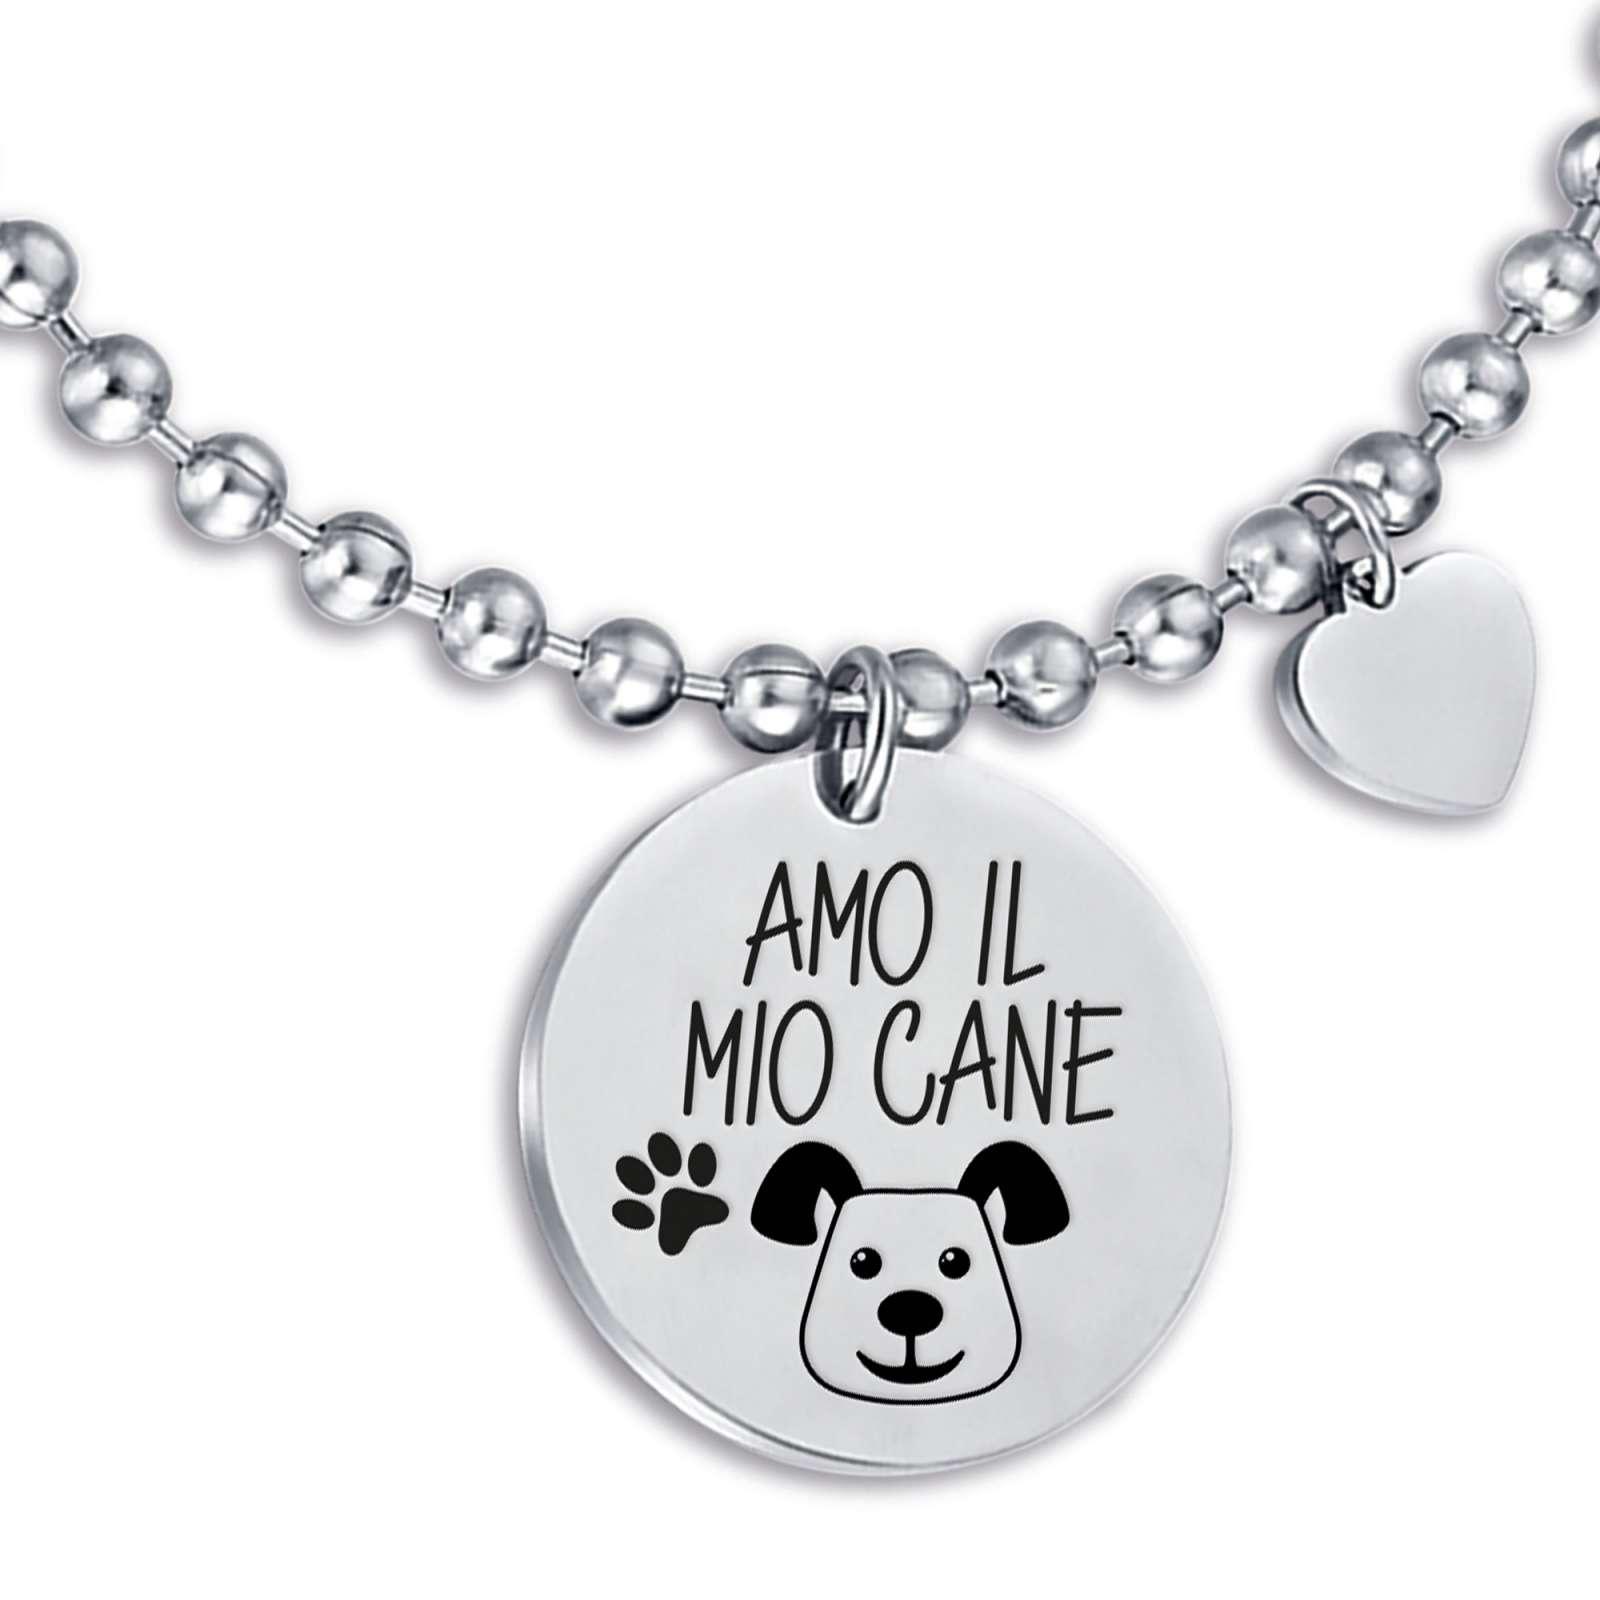 Luca Barra - Bracciale in acciaio amo il mio cane